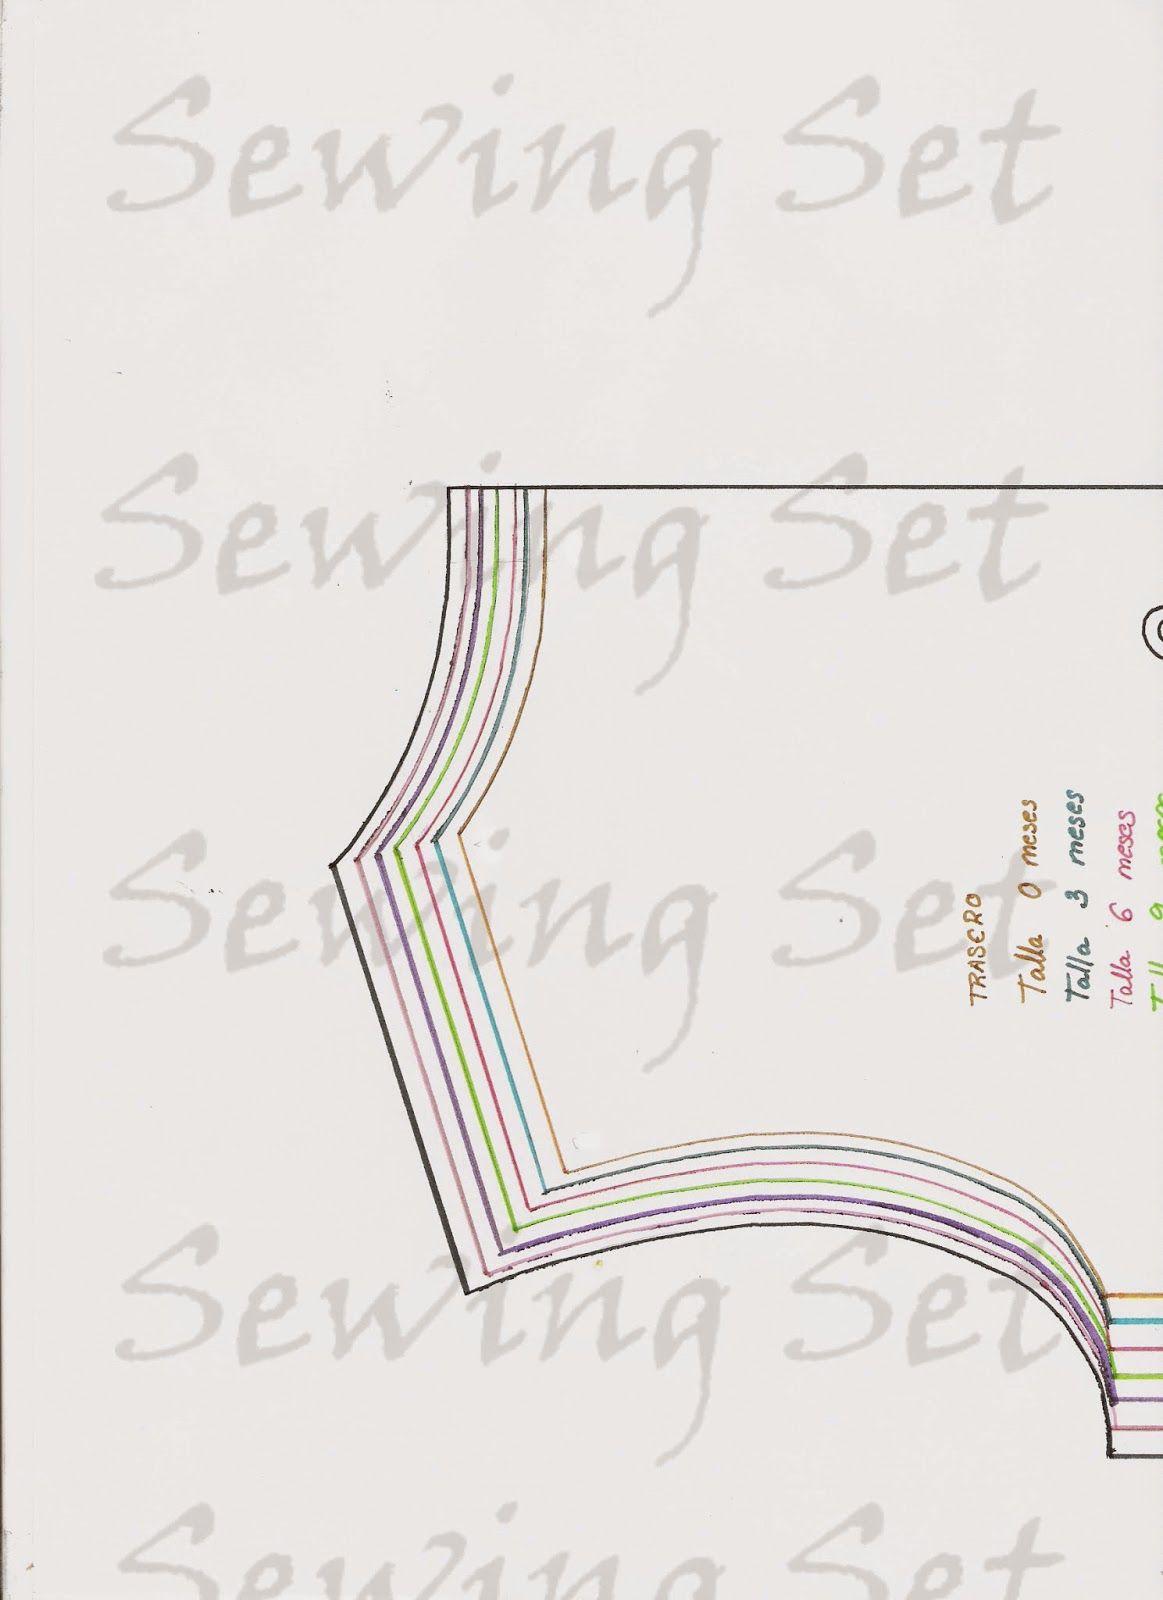 e54082ba9 Patrón camisa manga larga con cuello bebé para imprimir de 0-24 ...